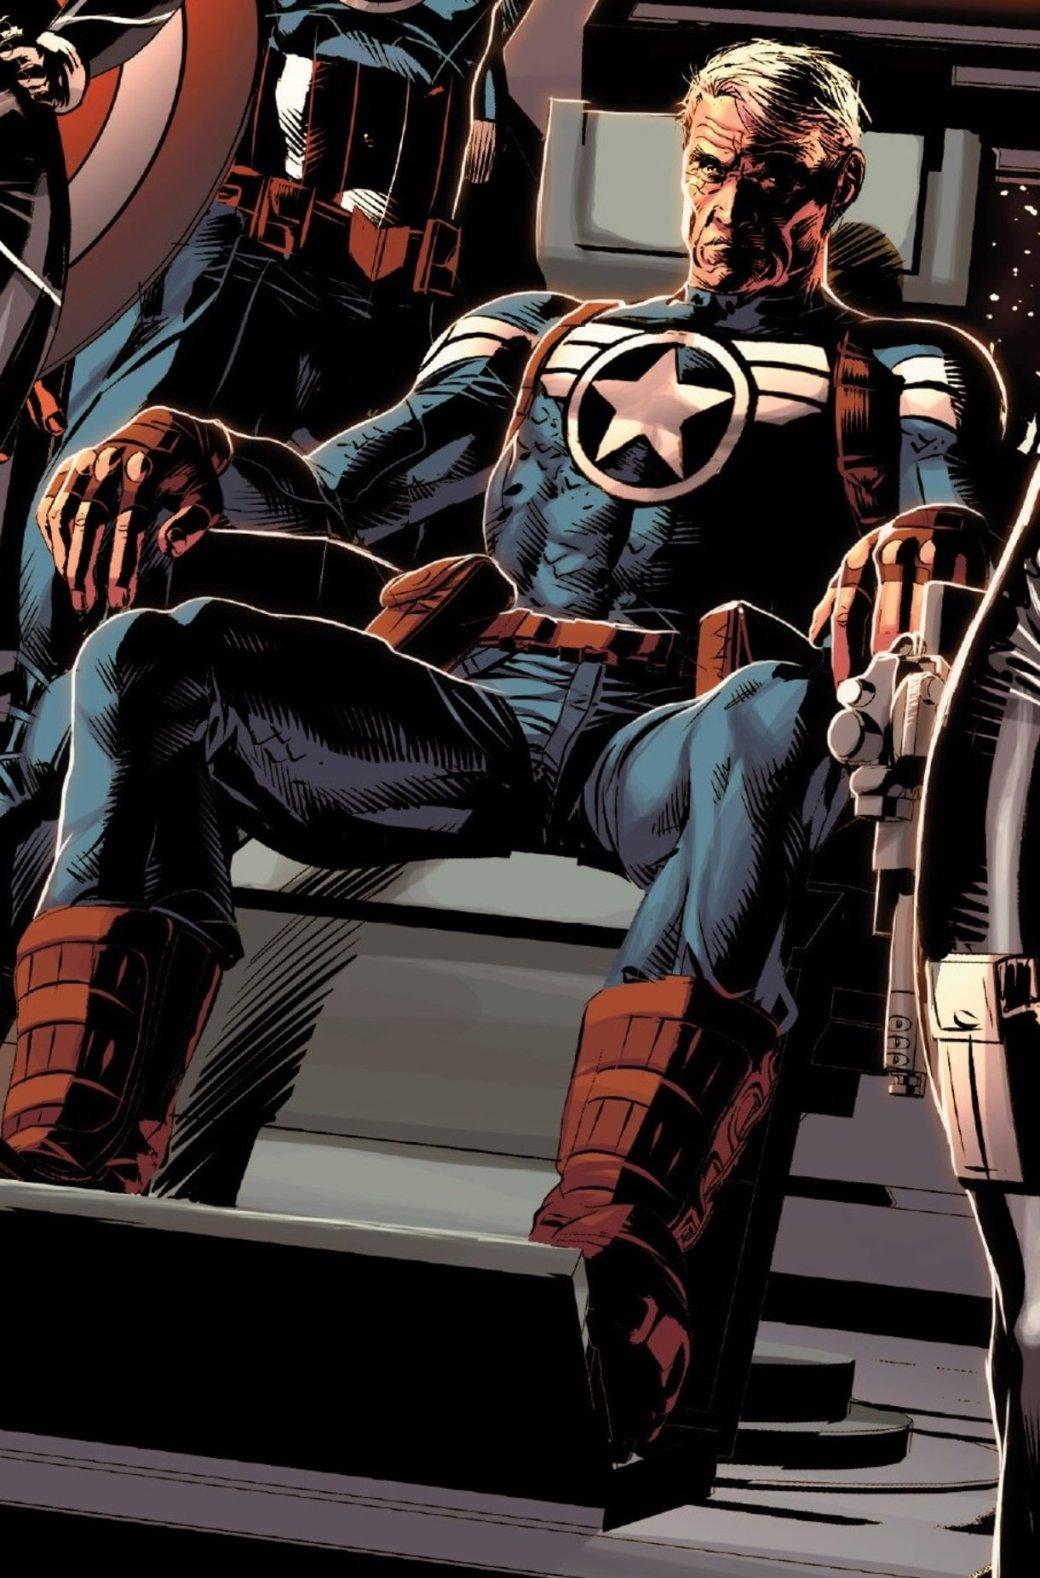 Как Капитан Америка предал все ради власти над Гидрой ивсем миром | Канобу - Изображение 1